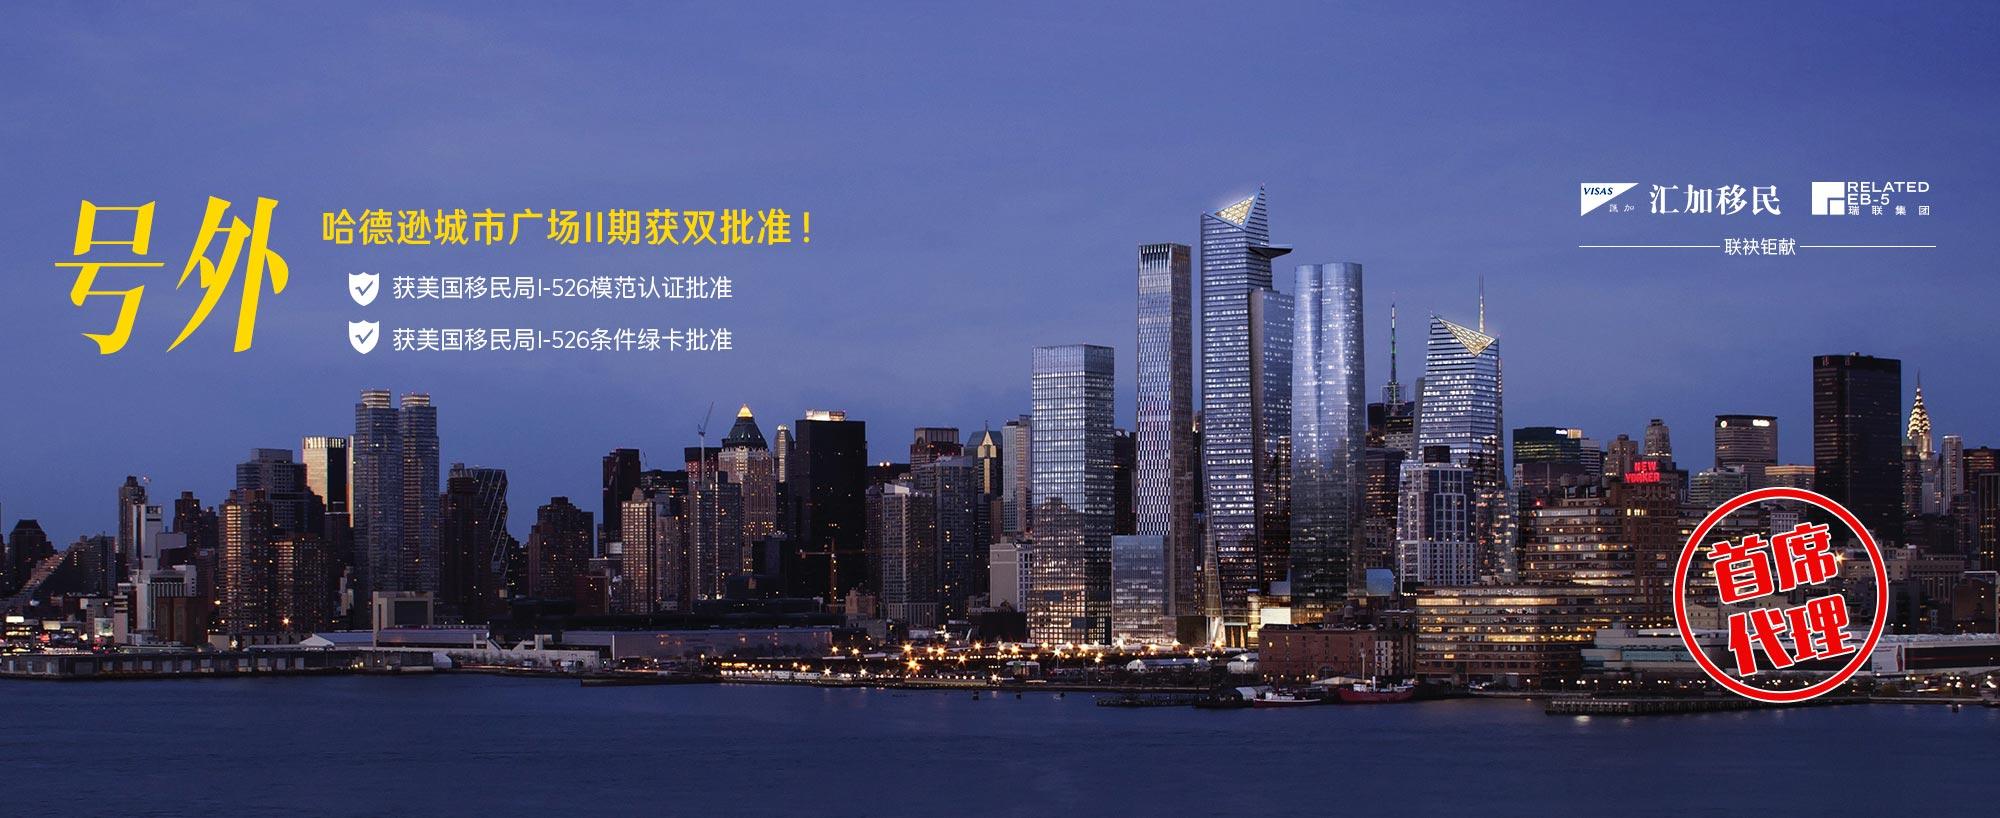 纽约哈德逊城市广场II期<br/>汇加移民开创哈德逊广场新篇章!